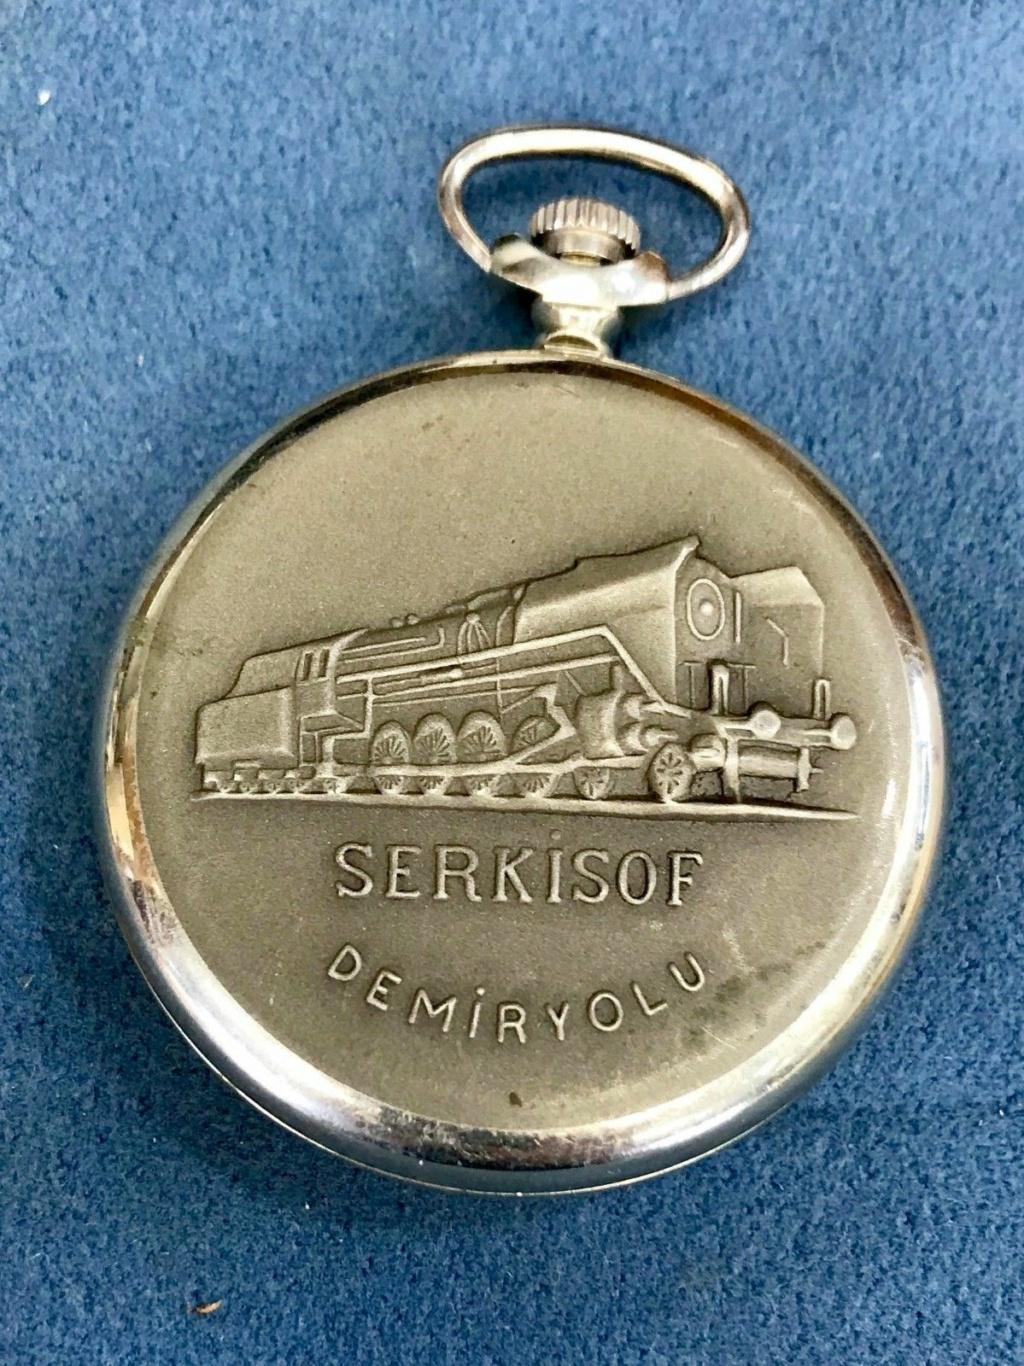 Les Serkisof: des montres soviétiques en Turquie S-l16102